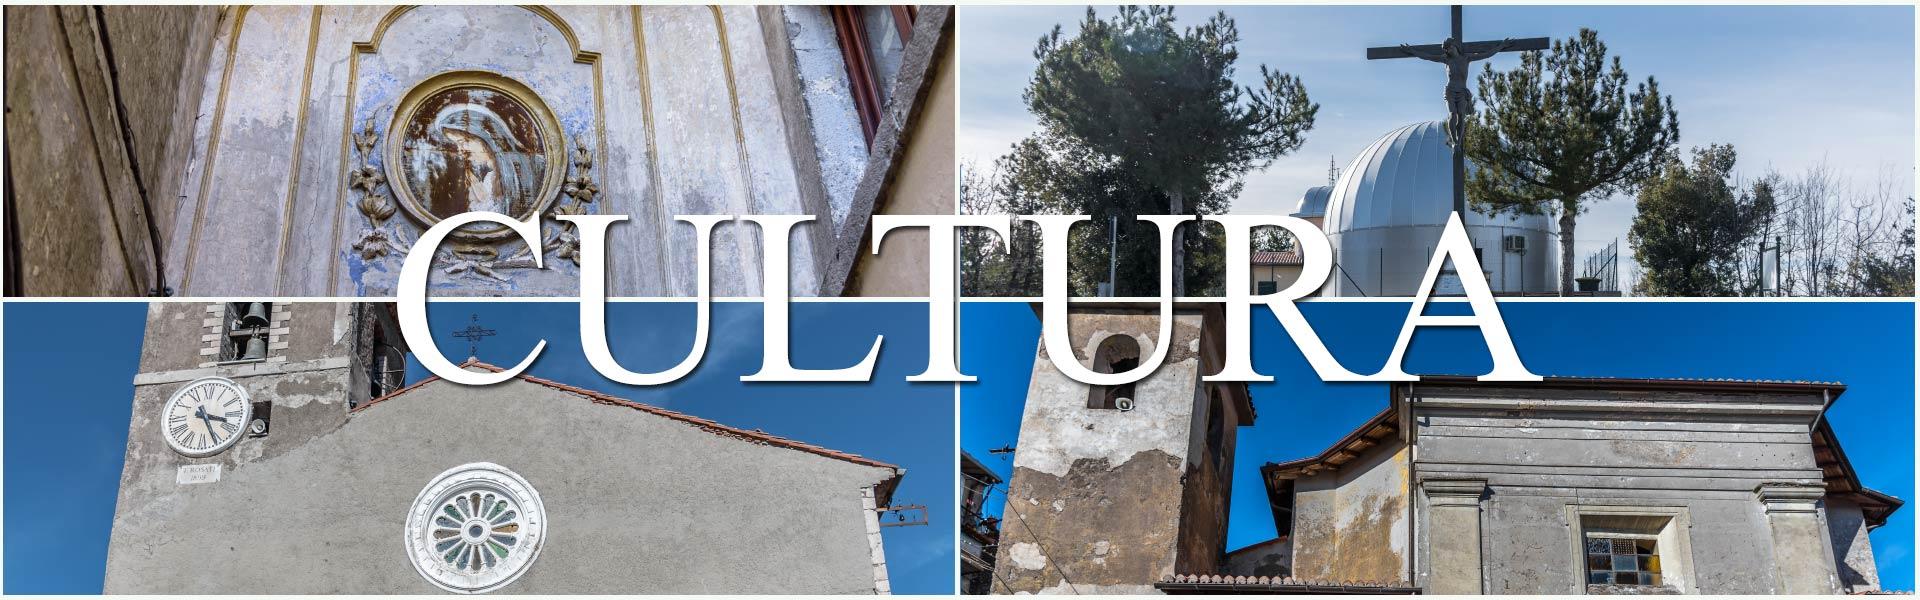 progetto-restyling-sito-gorga-cultura1920x600